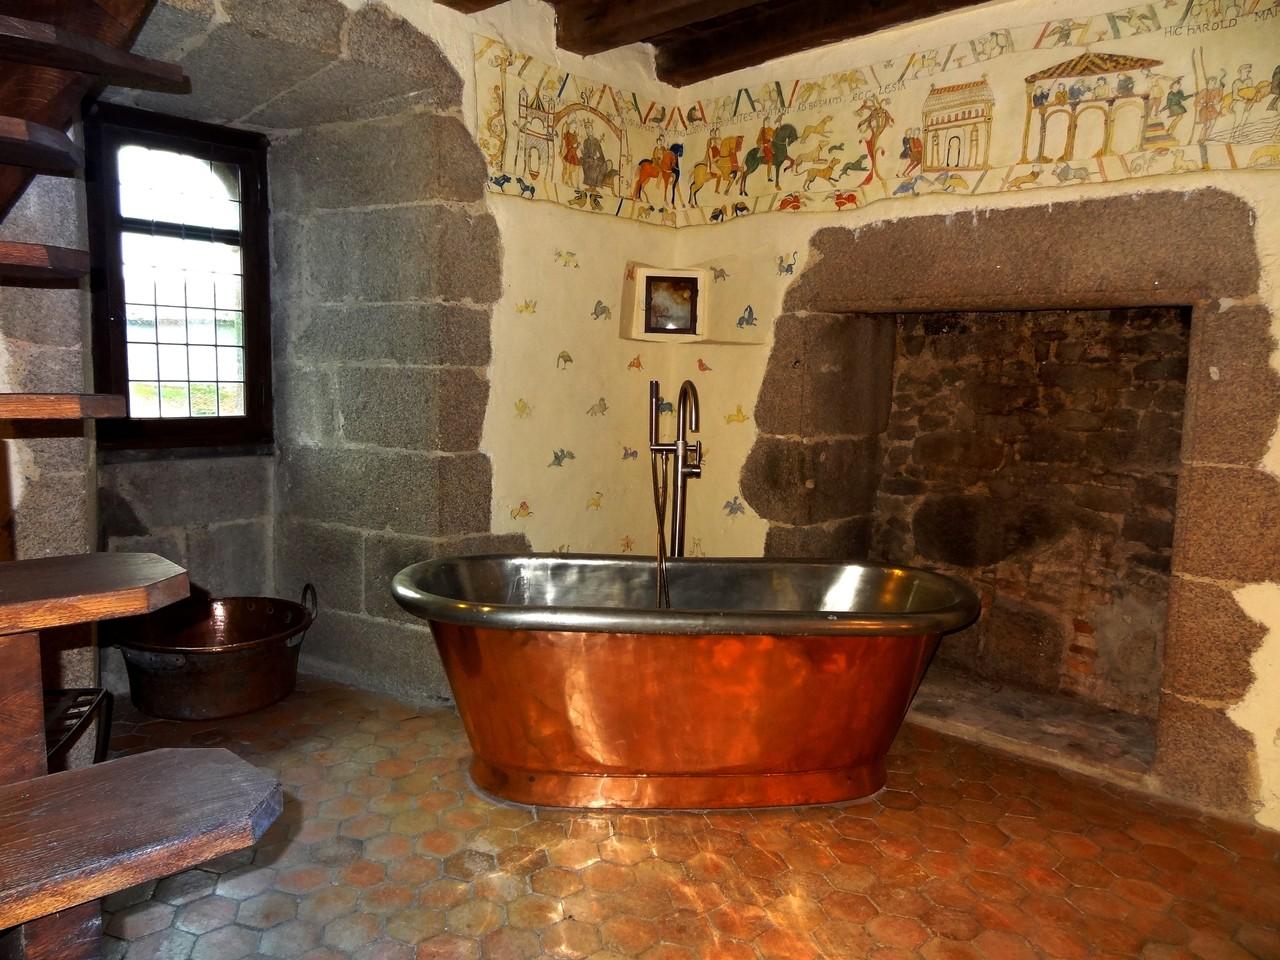 Salle de bain insolite, Tour du Guet, au chateau médiéval de Tennessus